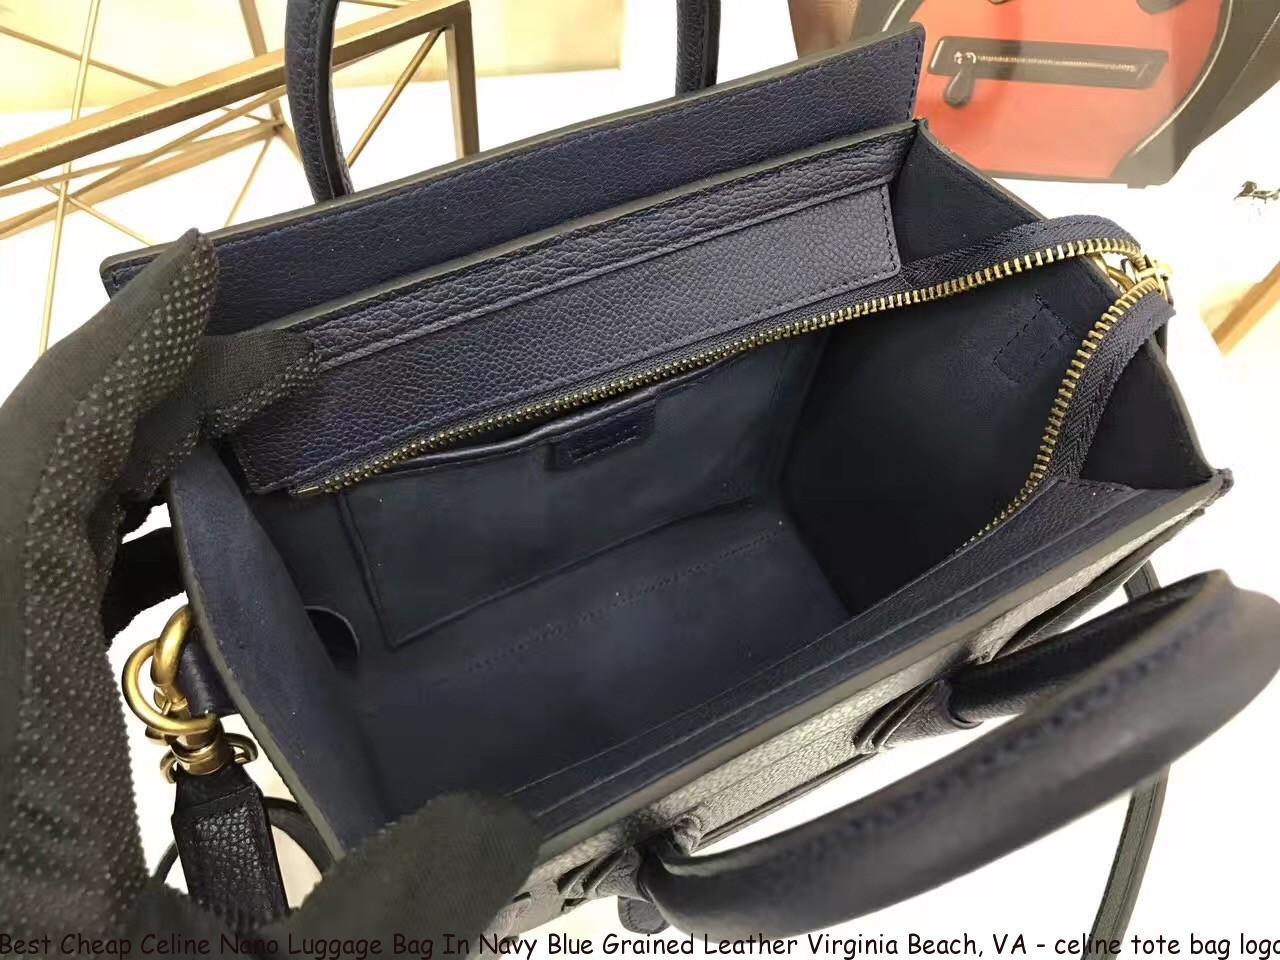 Best Celine Nano Luggage Bag In